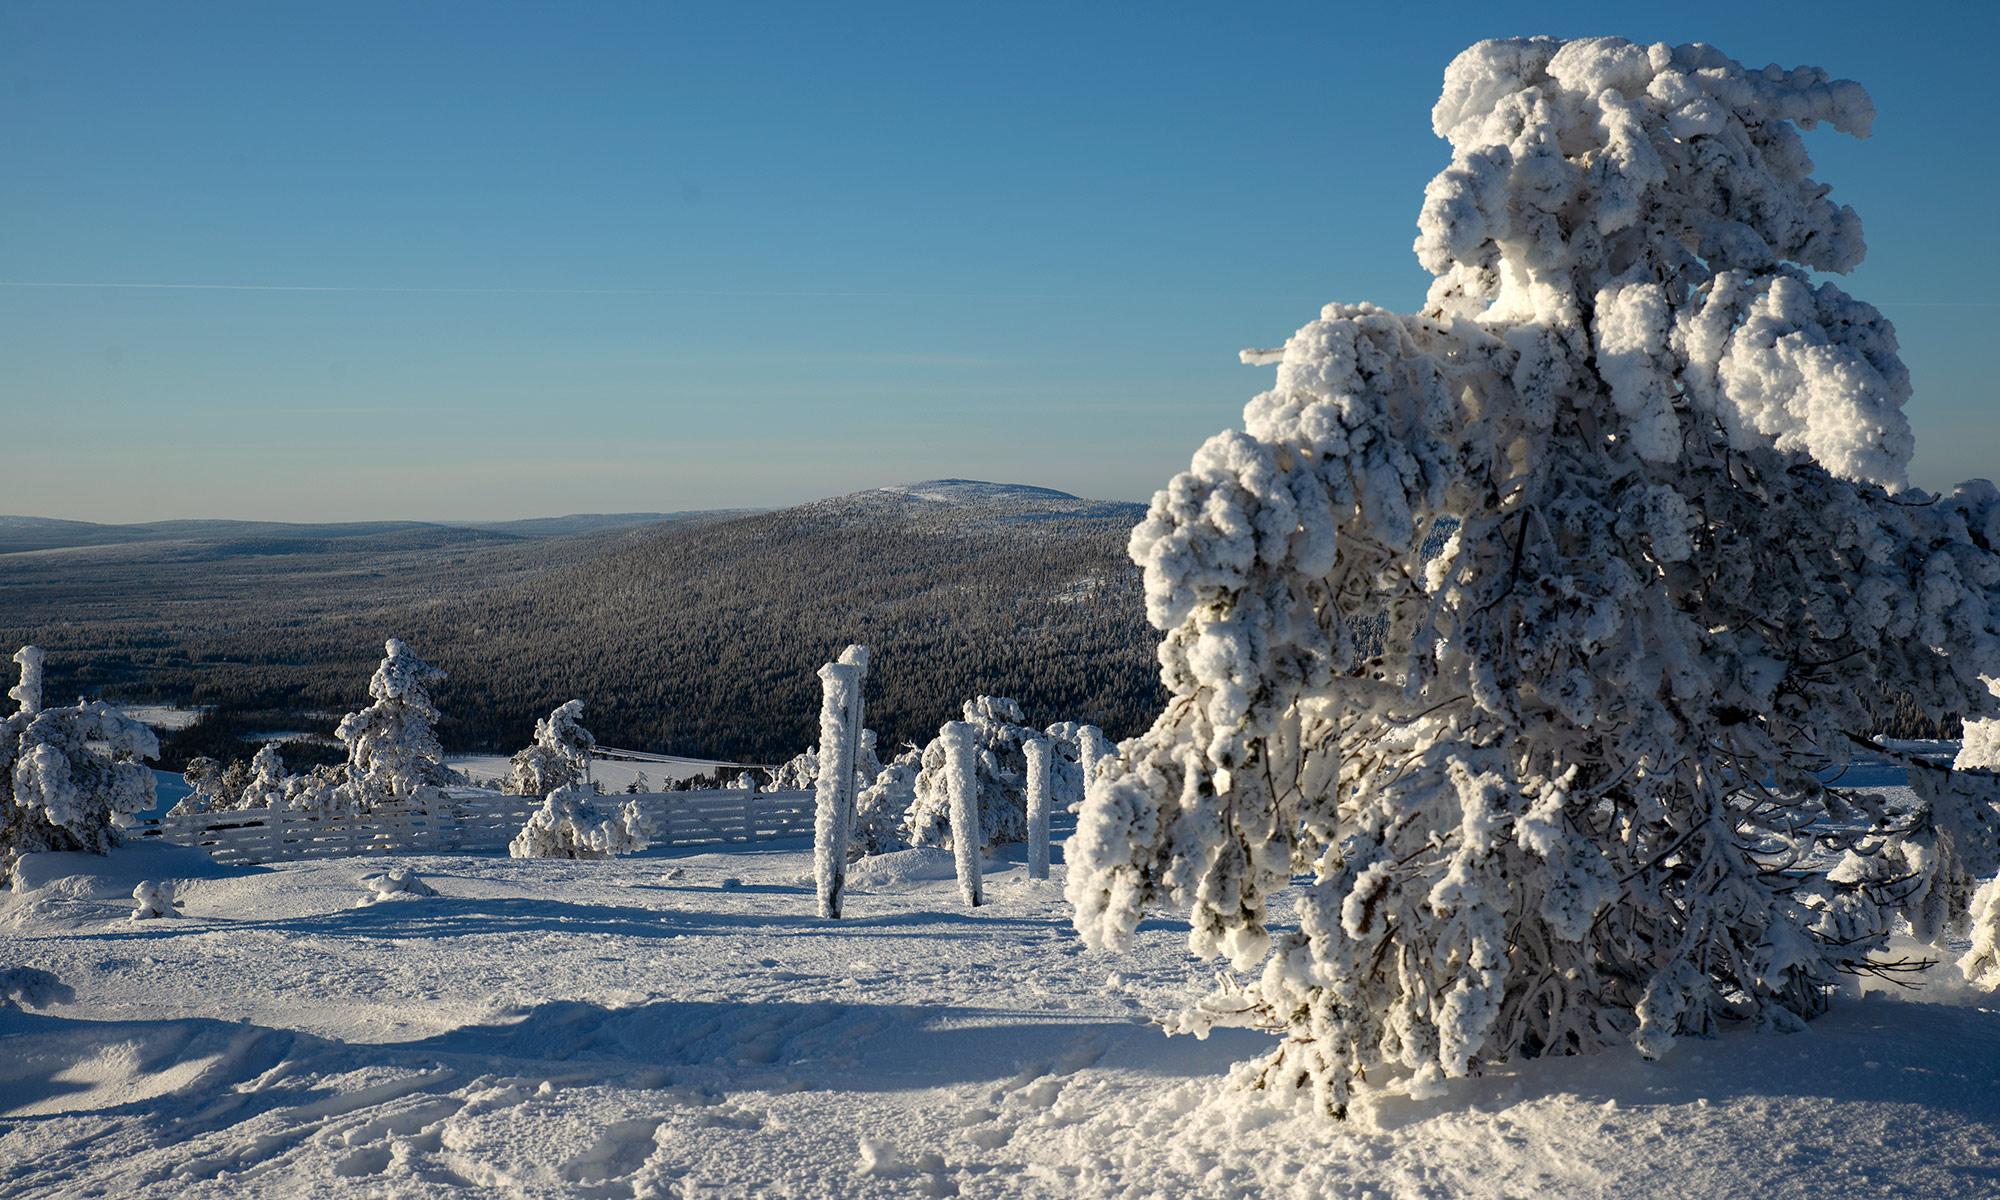 Etätyöviikon luminen talvimaisema Lapin Levillä.